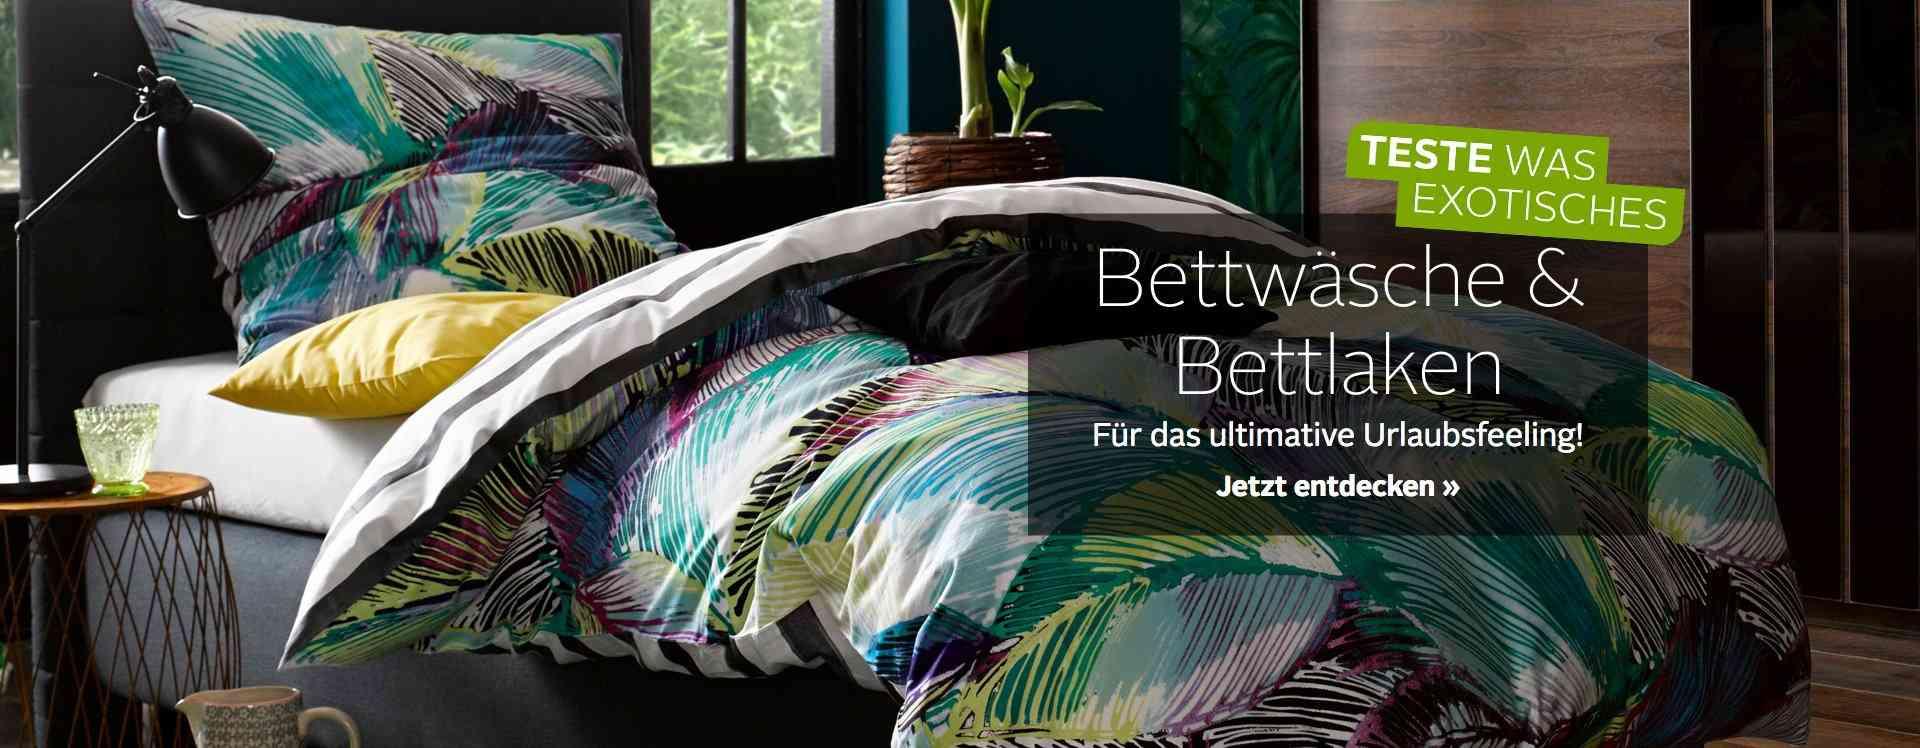 Hier finden Sie Bettwäsche & Laken in diversen Größen, Materialien und Designs, denn zu einem gelungen gestalteten Schlafzimmer gehört auch die farblich passende Bettwäsche.